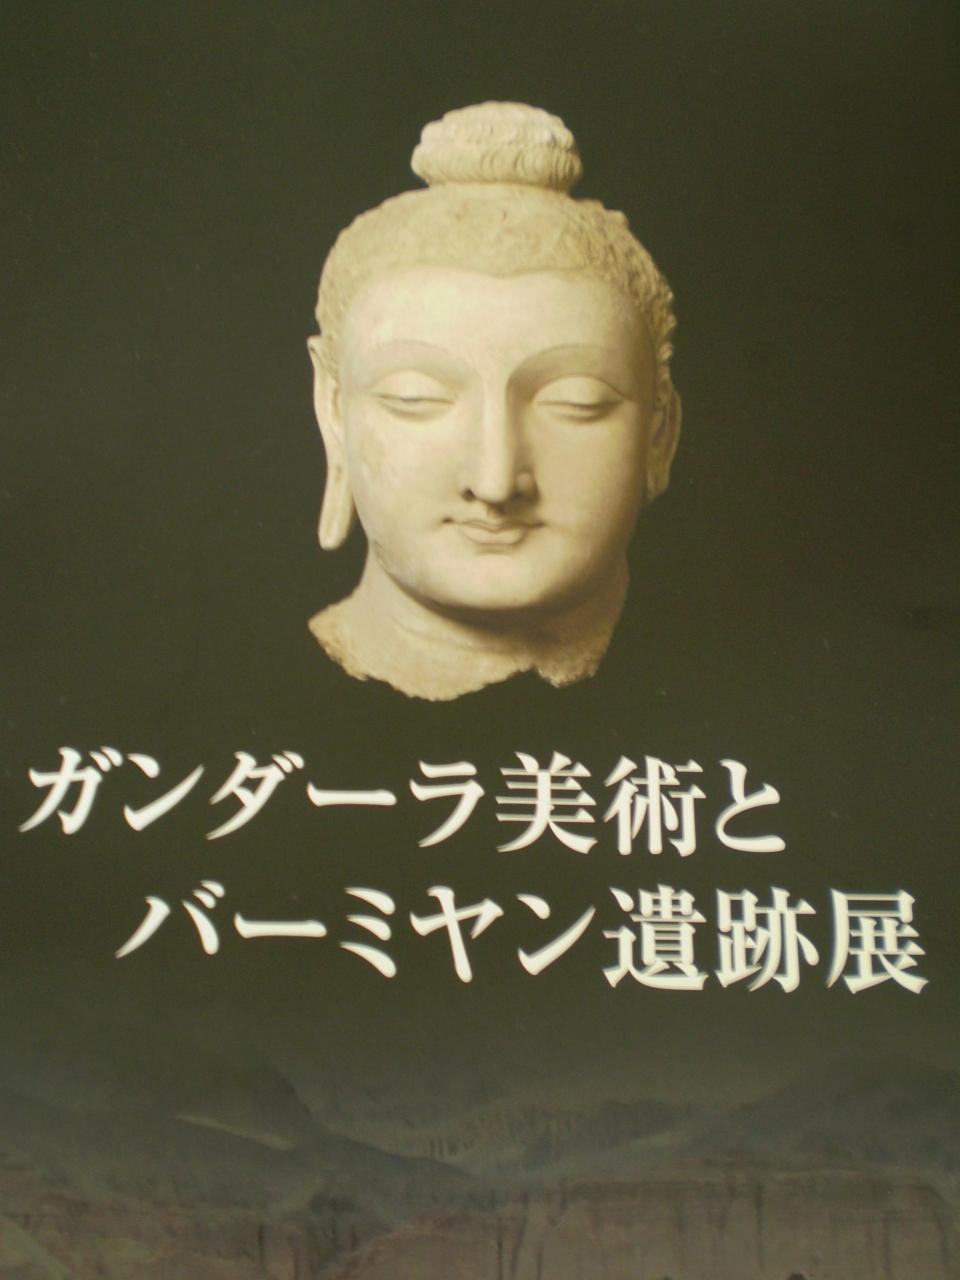 福岡で『ガンダーラ美術』に出逢...